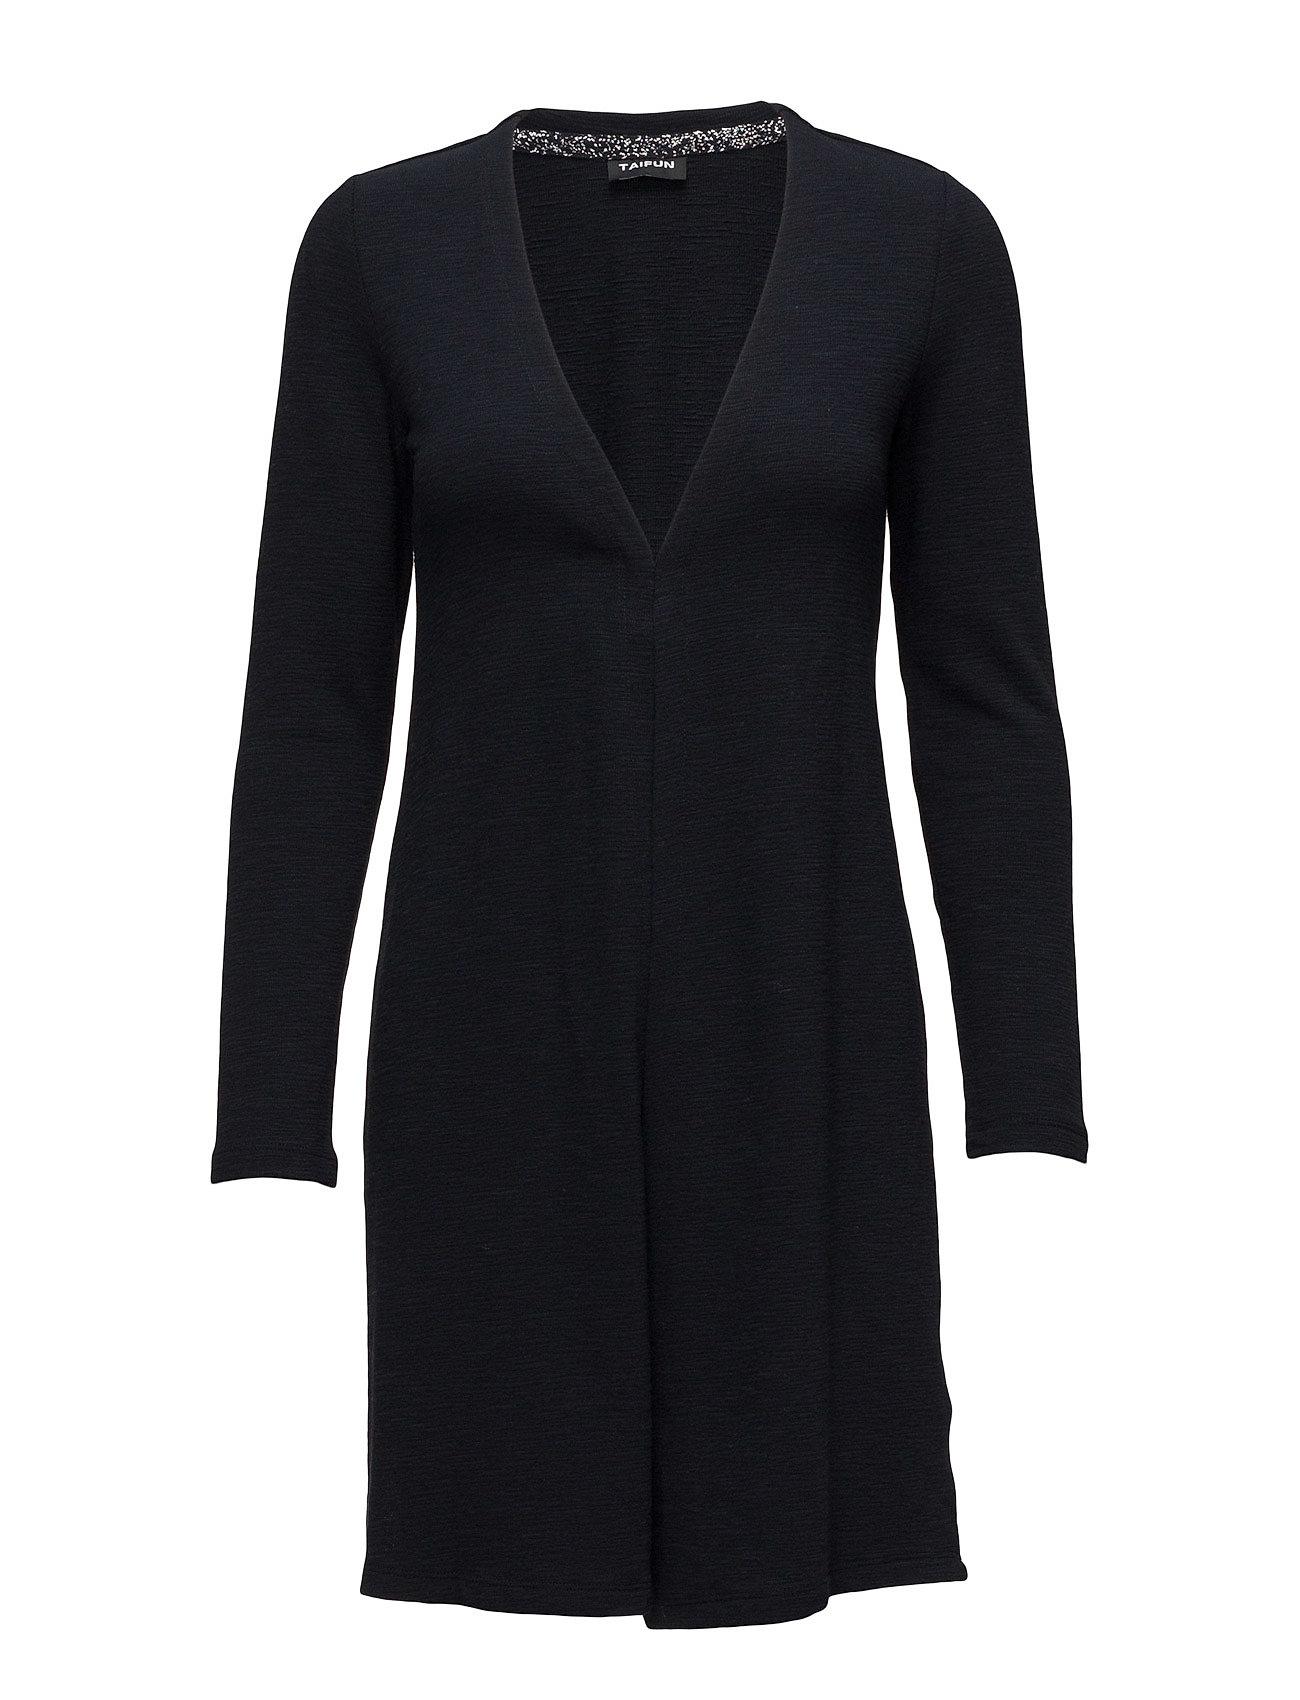 taifun – Jacket knit fabrics fra boozt.com dk